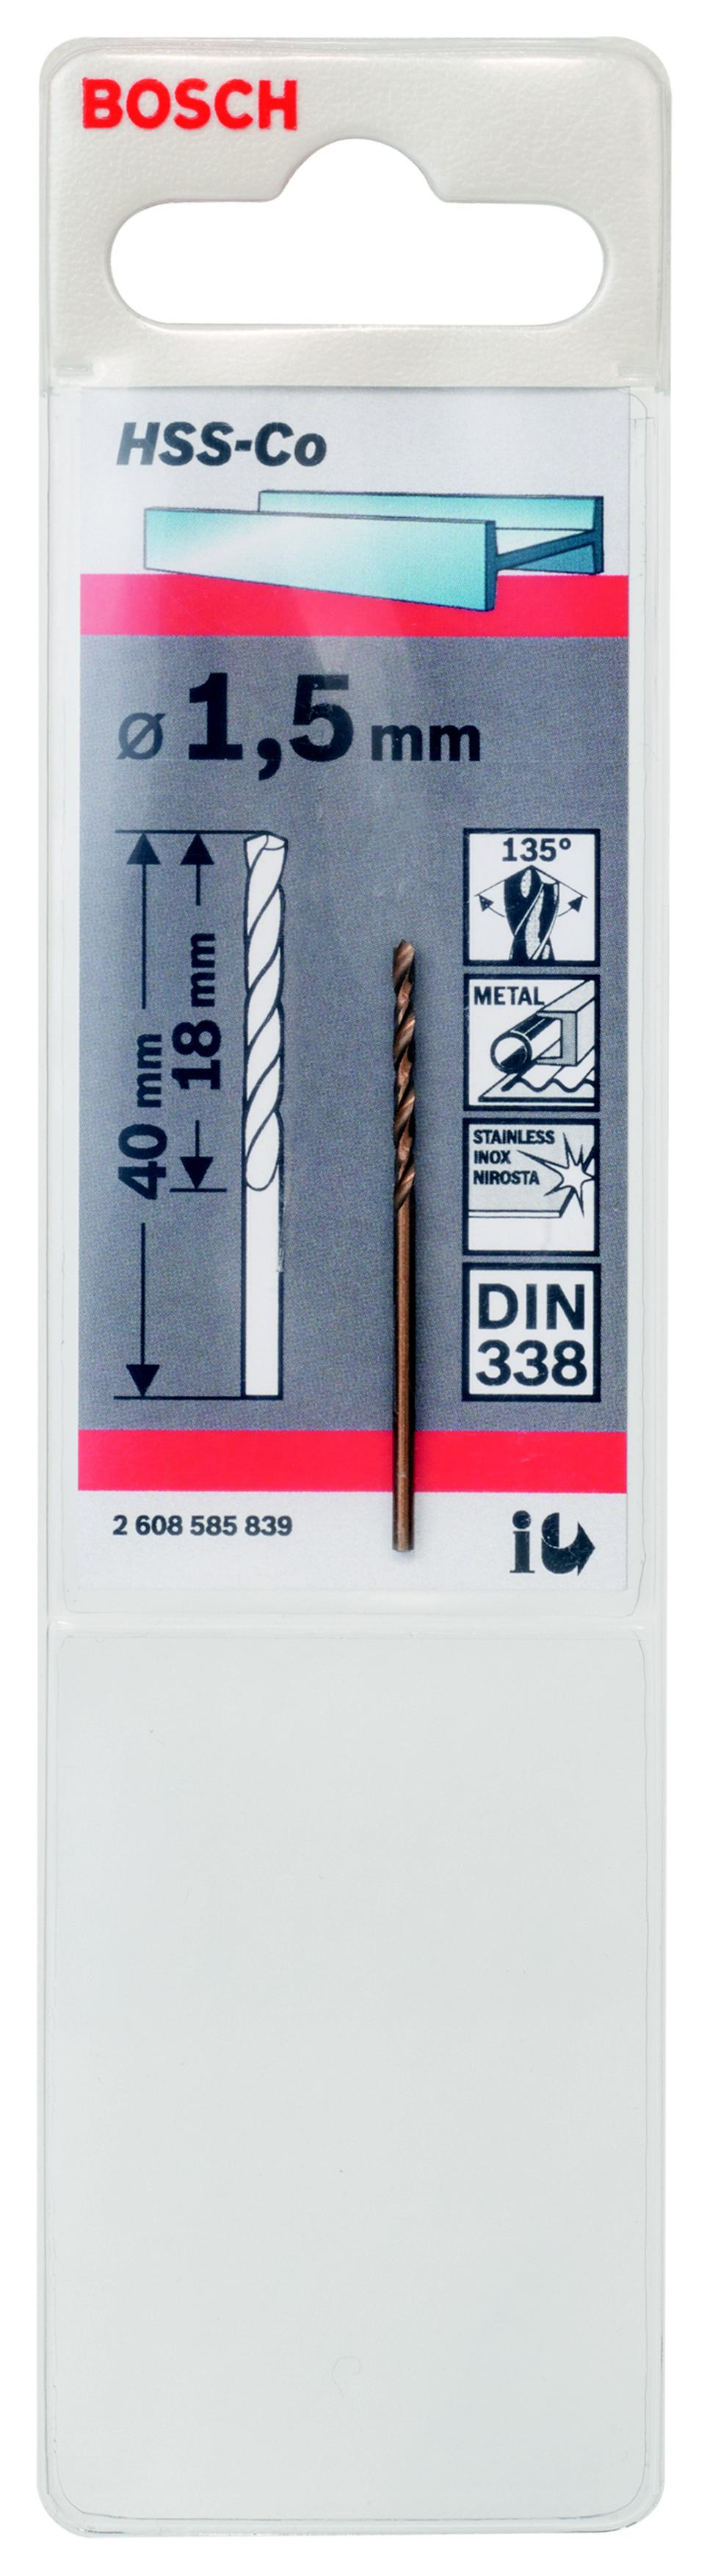 Сверло Bosch 1 hss-co (2.608.585.839) аксессуары veld co набор переводных татуировок черепа